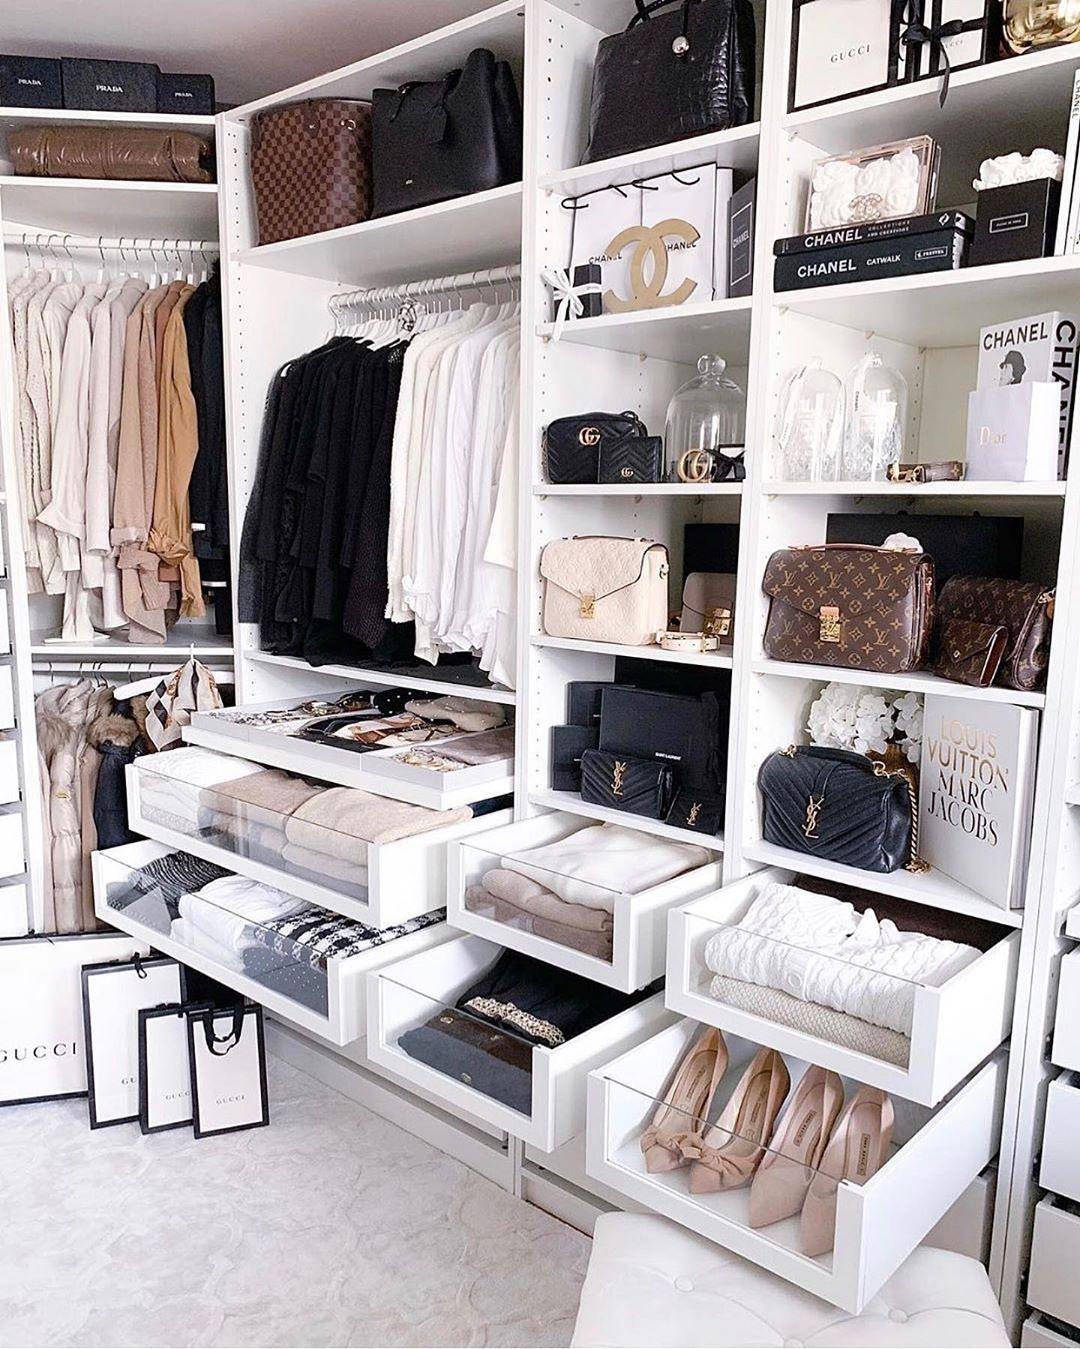 """Interior Design & Home Decor on Instagram: """"Closet goals! @missesclementi"""""""